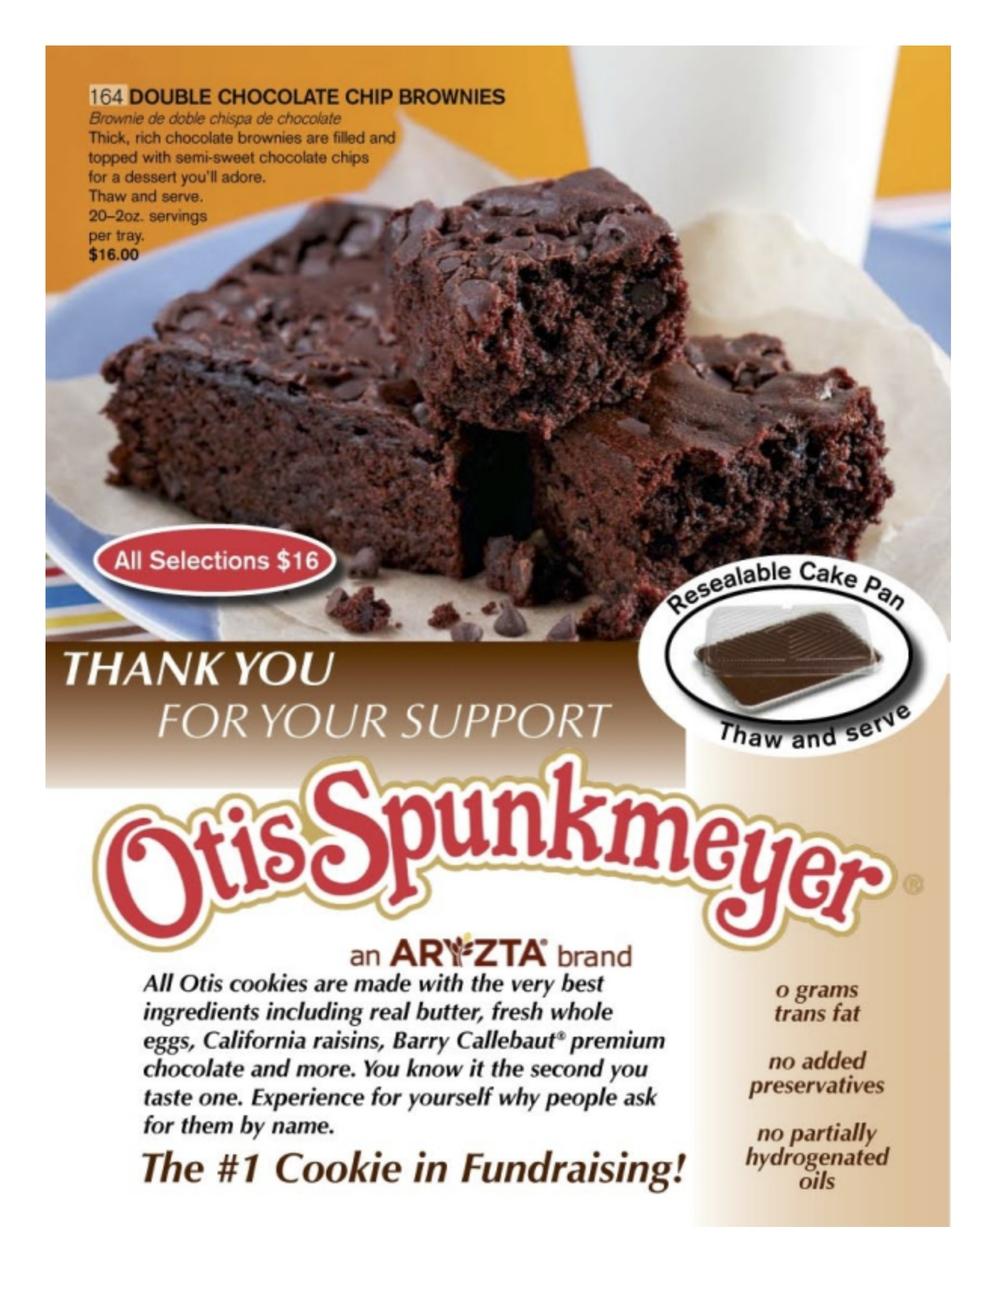 Otis Spunkmeyer pg 5.jpg